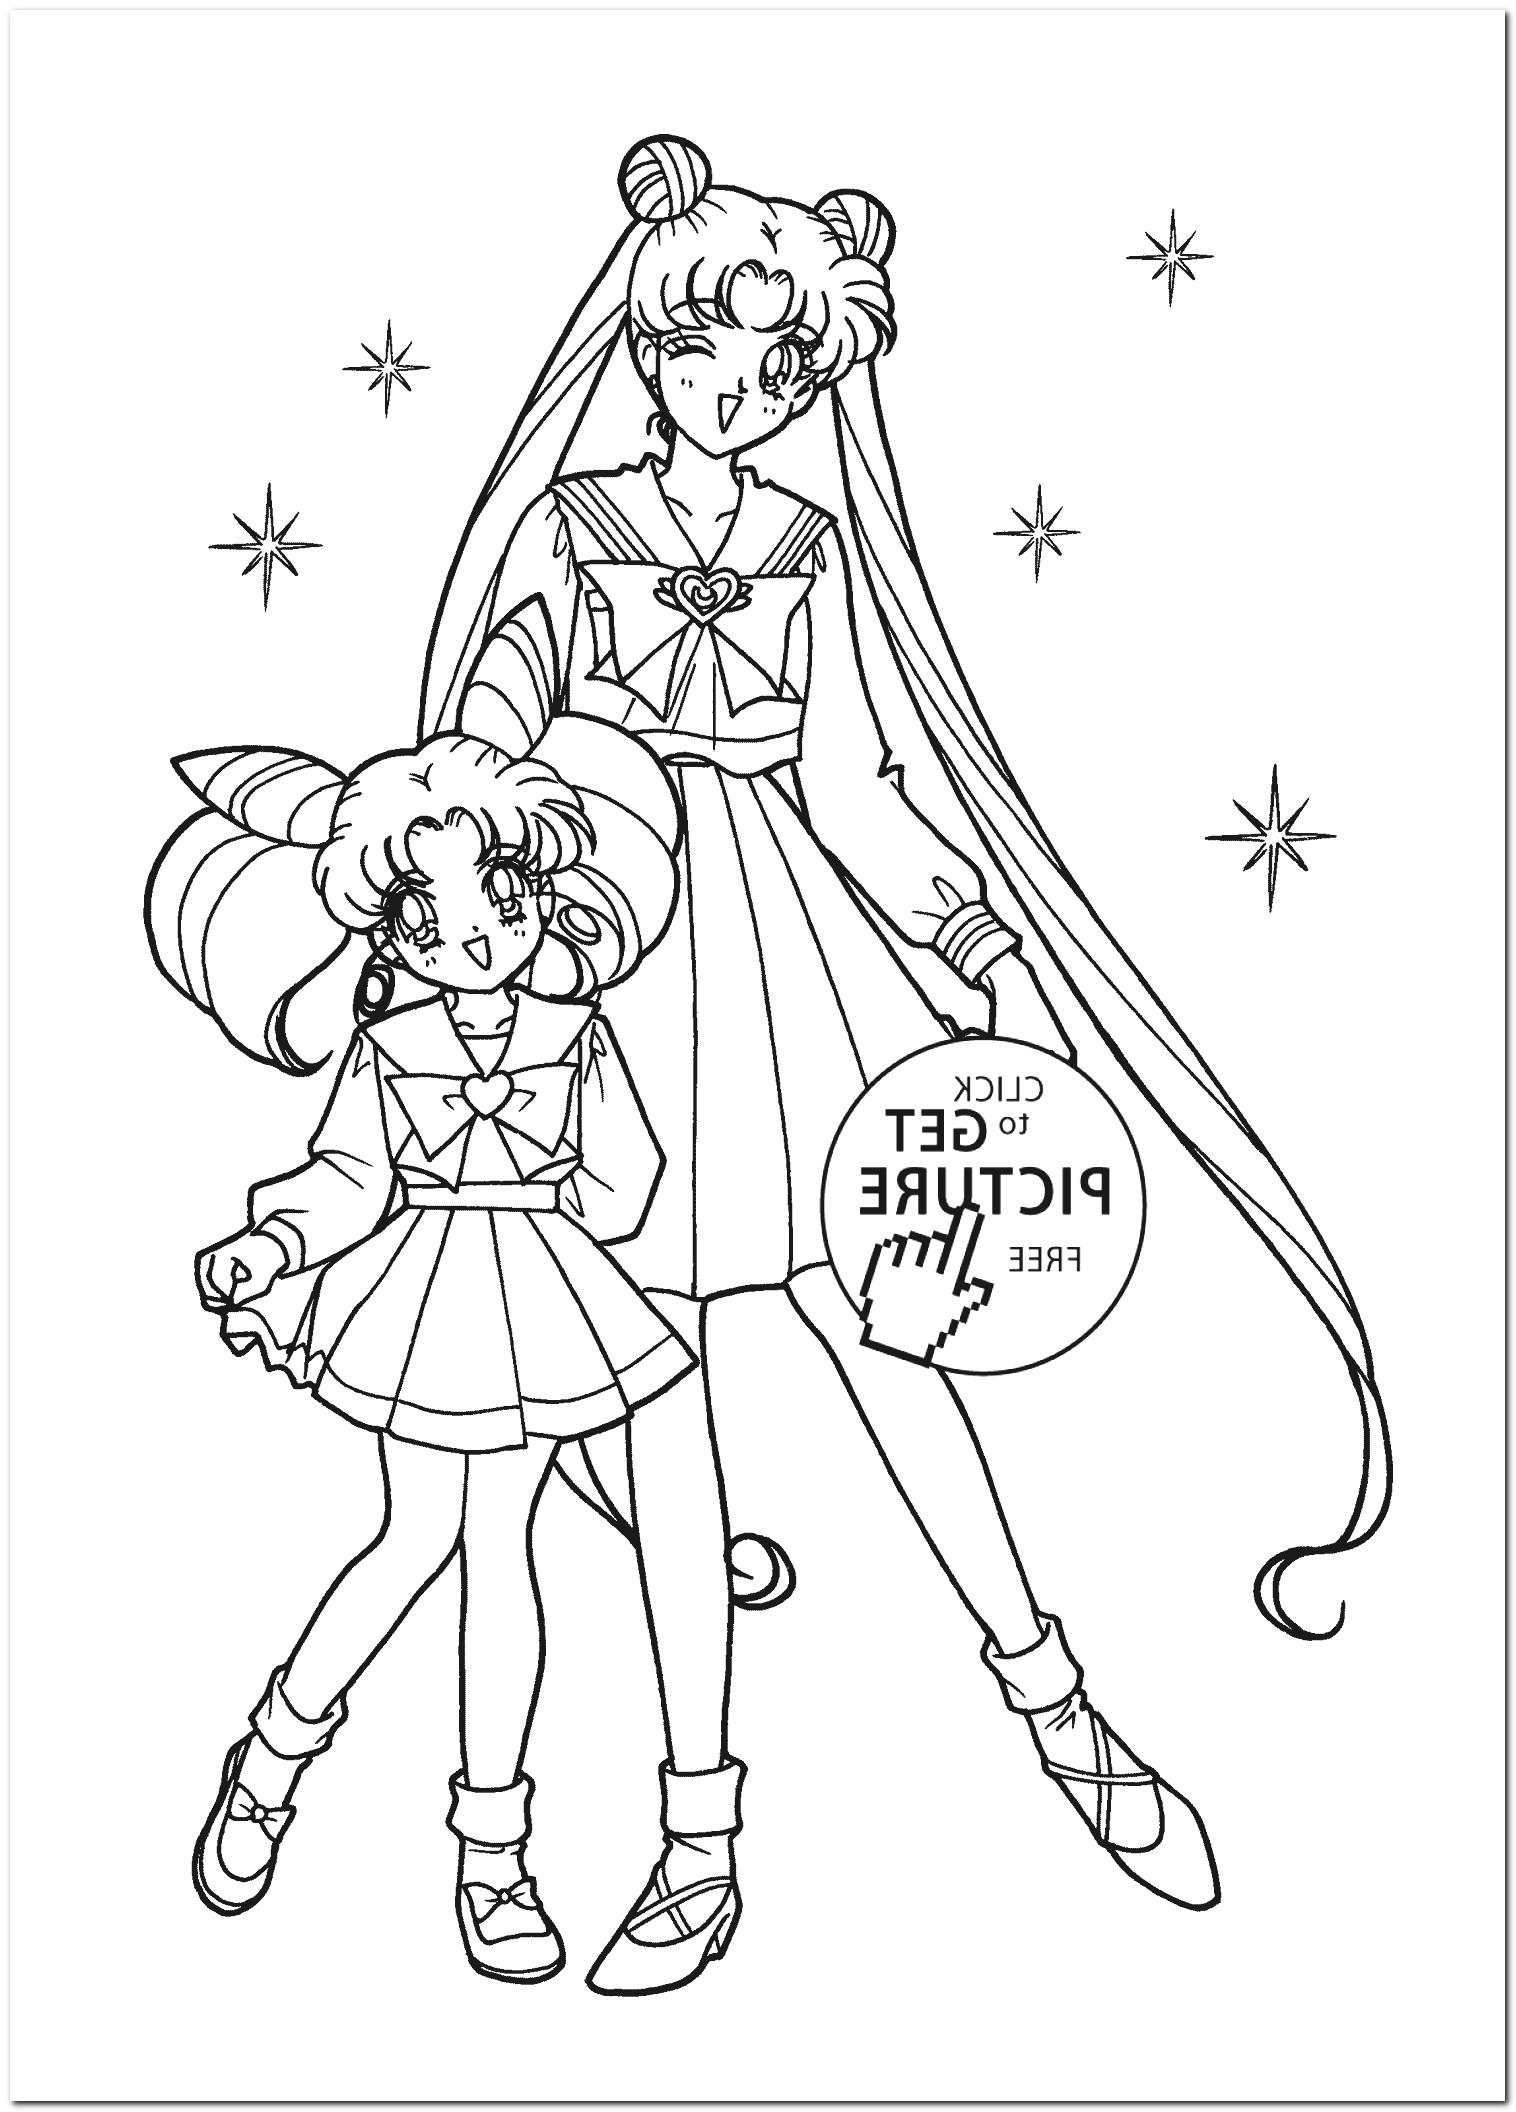 Hinh-to-mau-anime-dep-nhat (3)